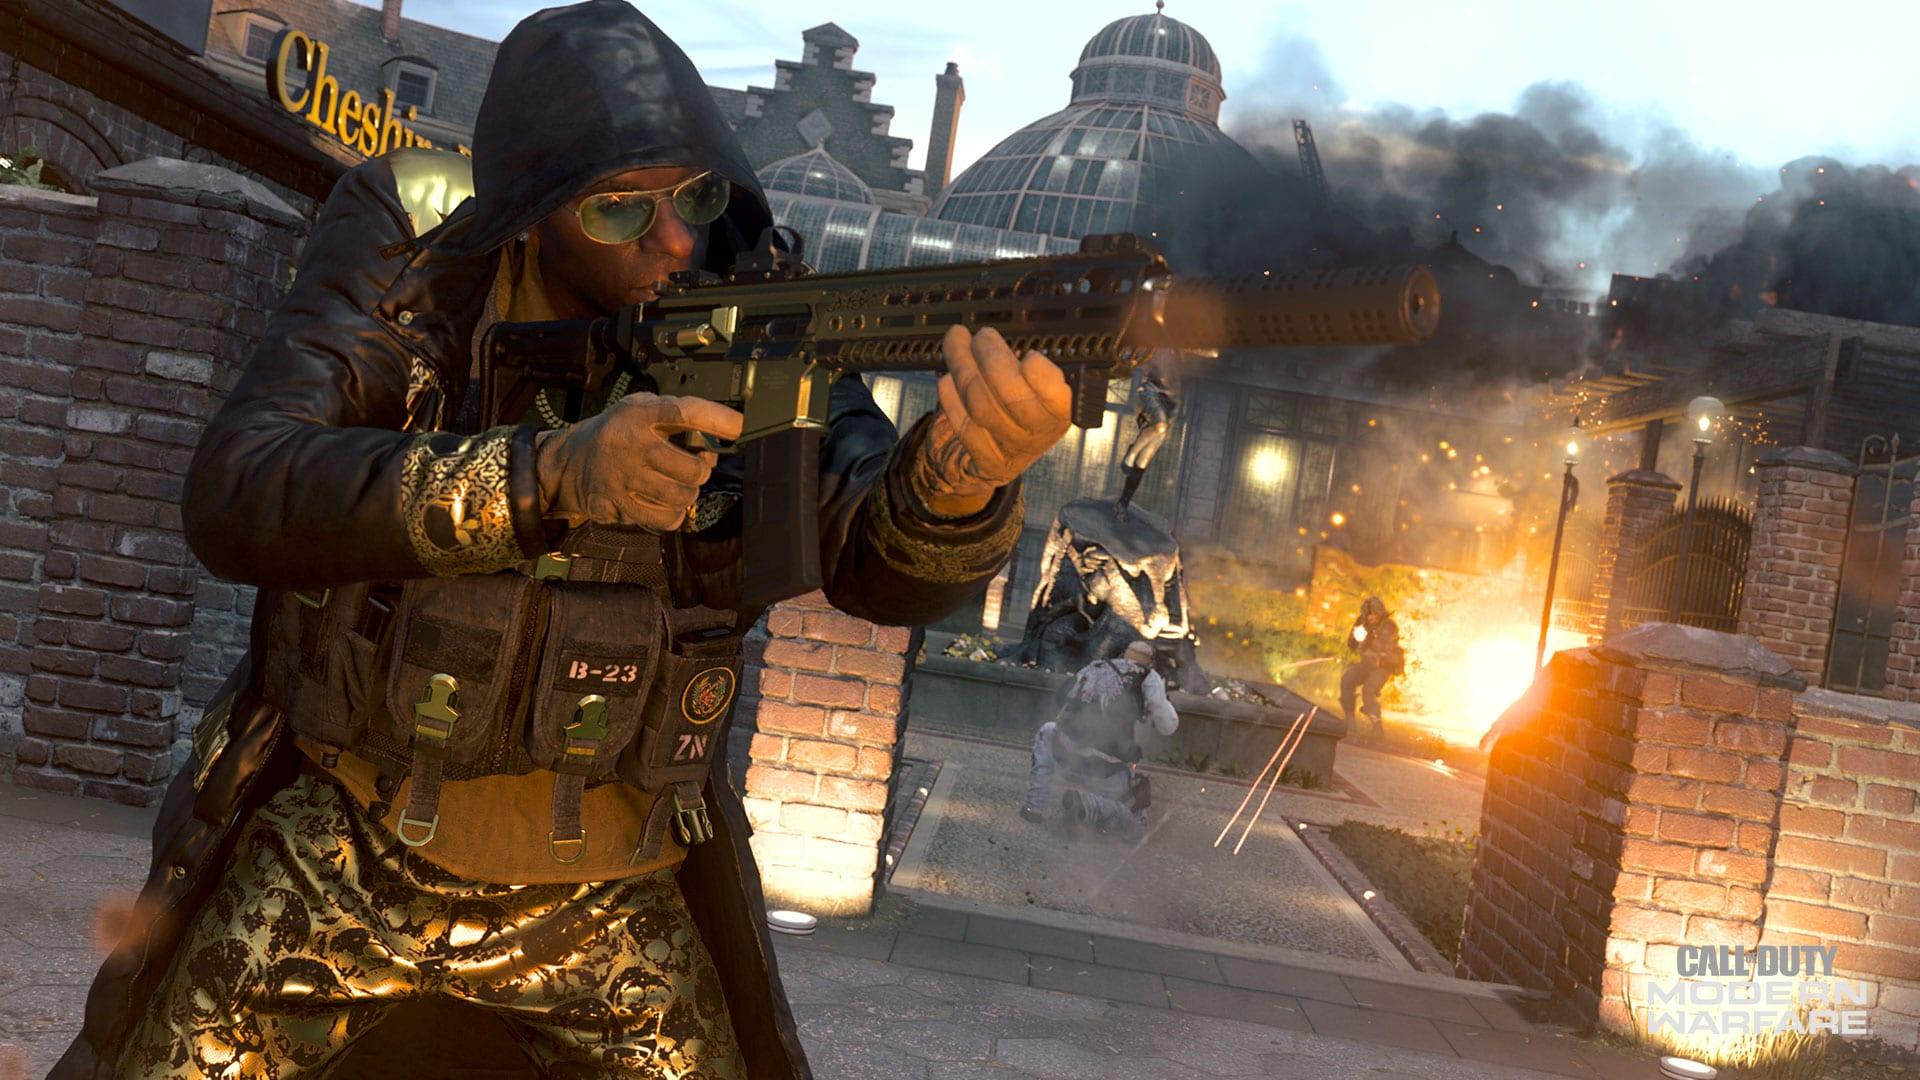 call of duty modern warfare update gamersrd2